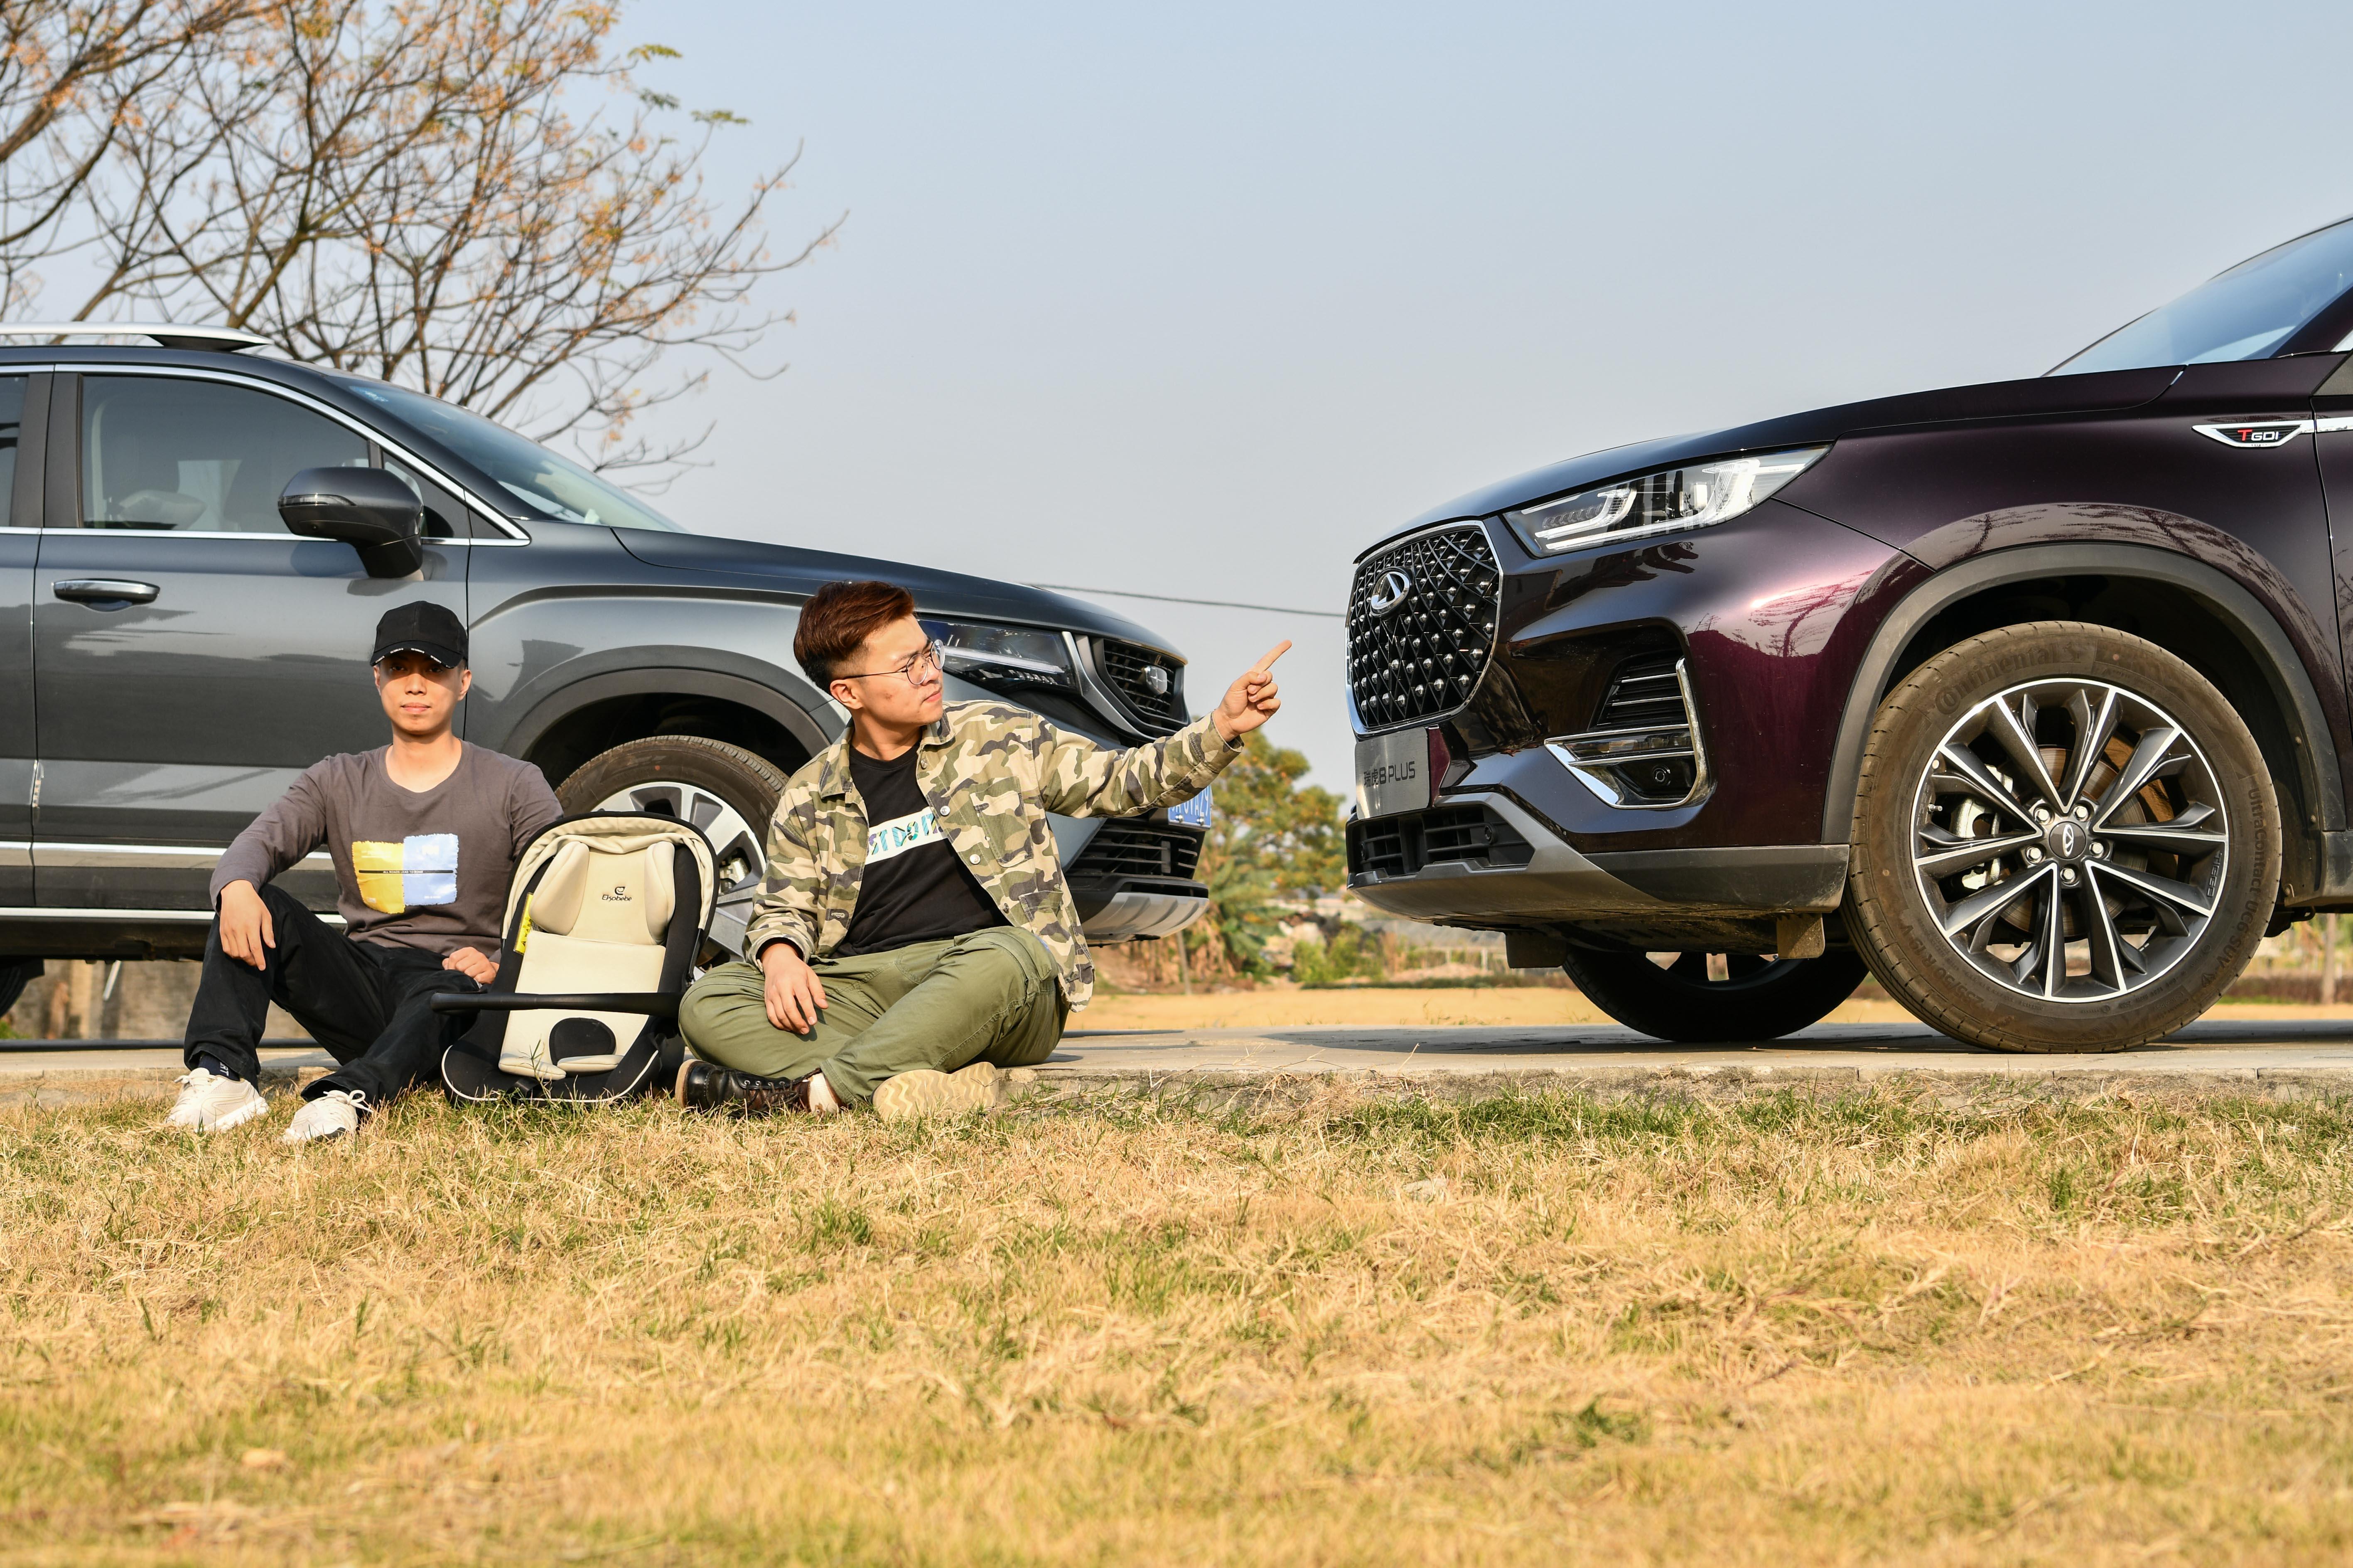 国产7座SUV怎么选?全面对比奇瑞瑞虎8PLUS、吉利豪越